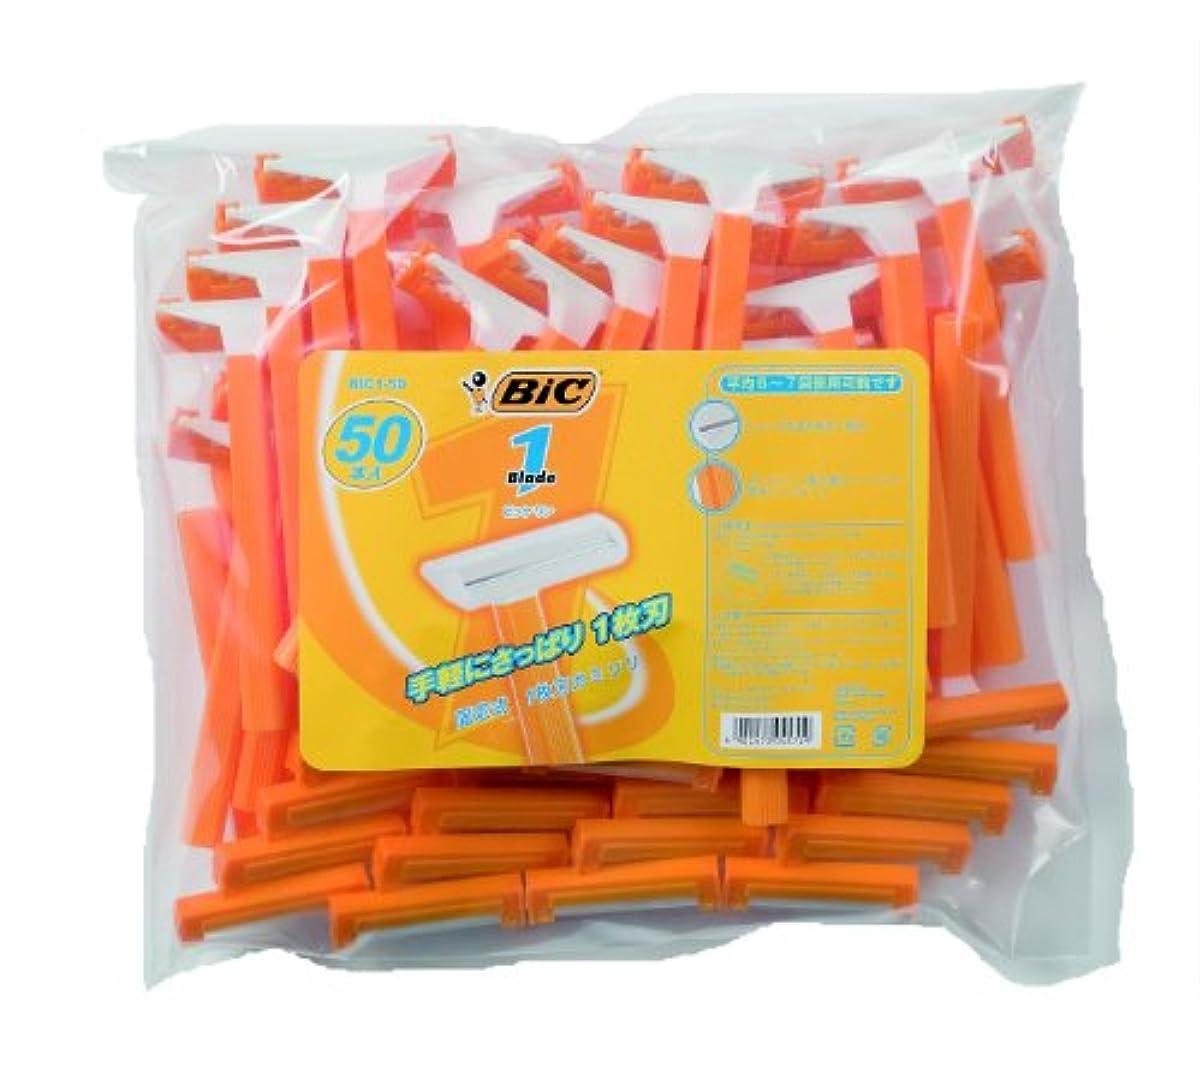 満員胚感謝するビック BIC BIC1 1枚刃 使い捨てカミソリ シェーバー ひげそり ディスポ 50本入